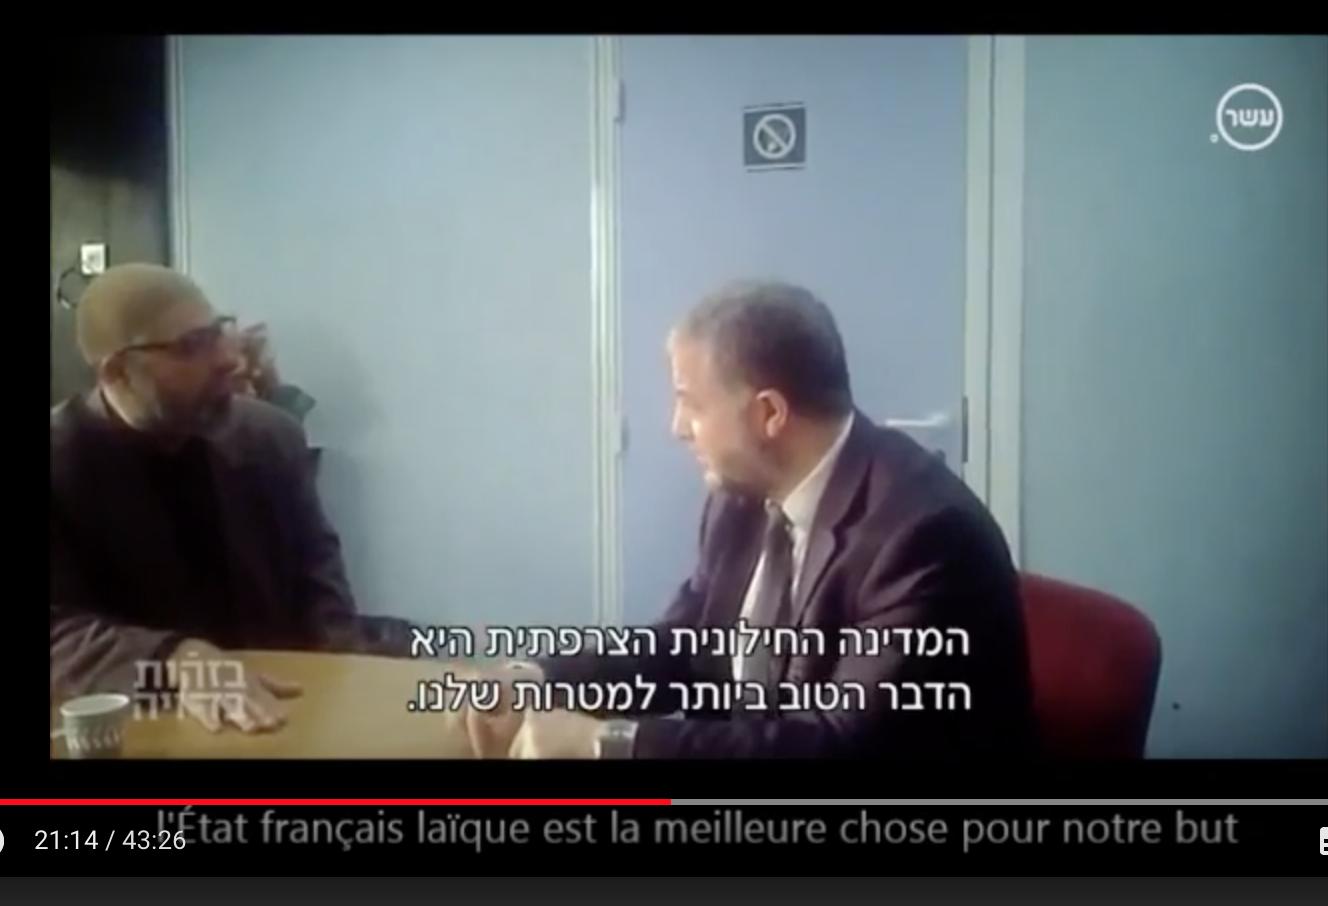 Video choc : terrifiante enquête d'un journaliste israélien sur l'islam en France